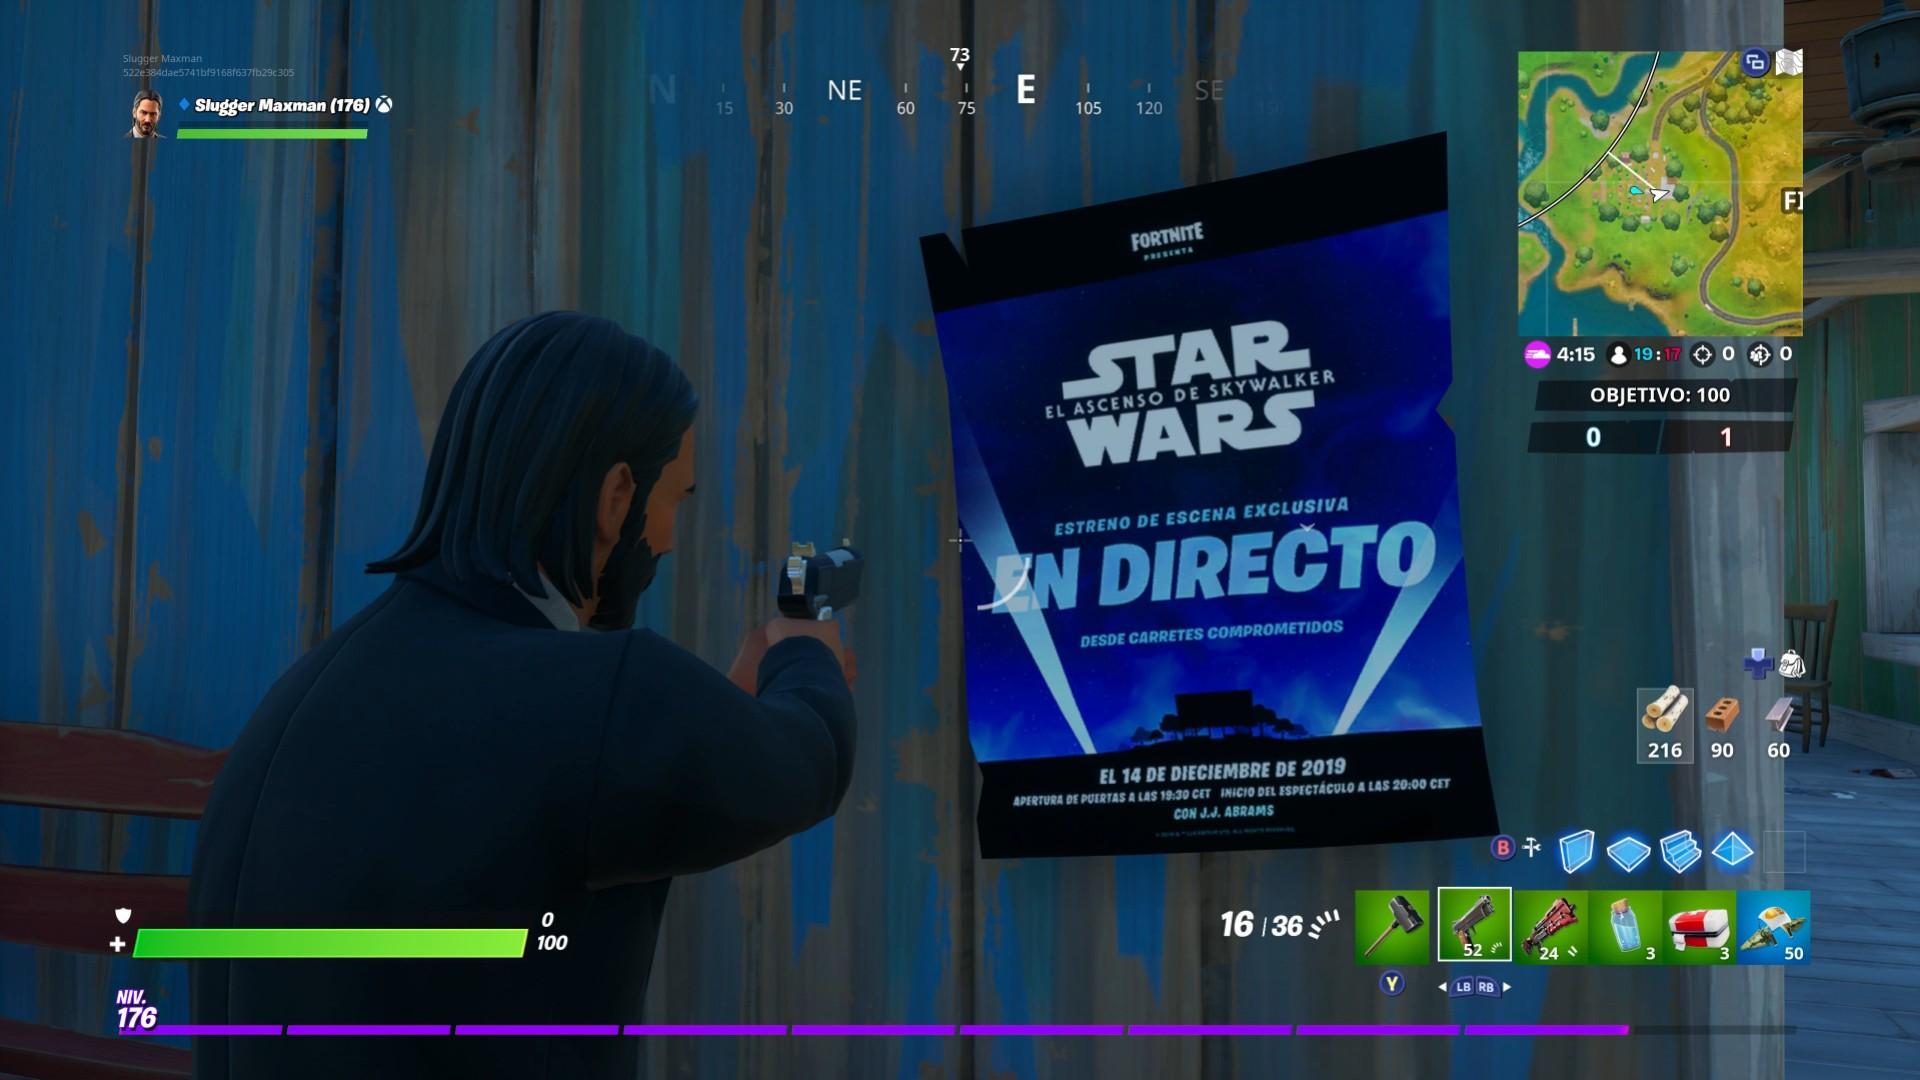 Fortnite Emitirá Una Escena De Star Wars El Ascenso De Skywalker En Exclusiva Meristation